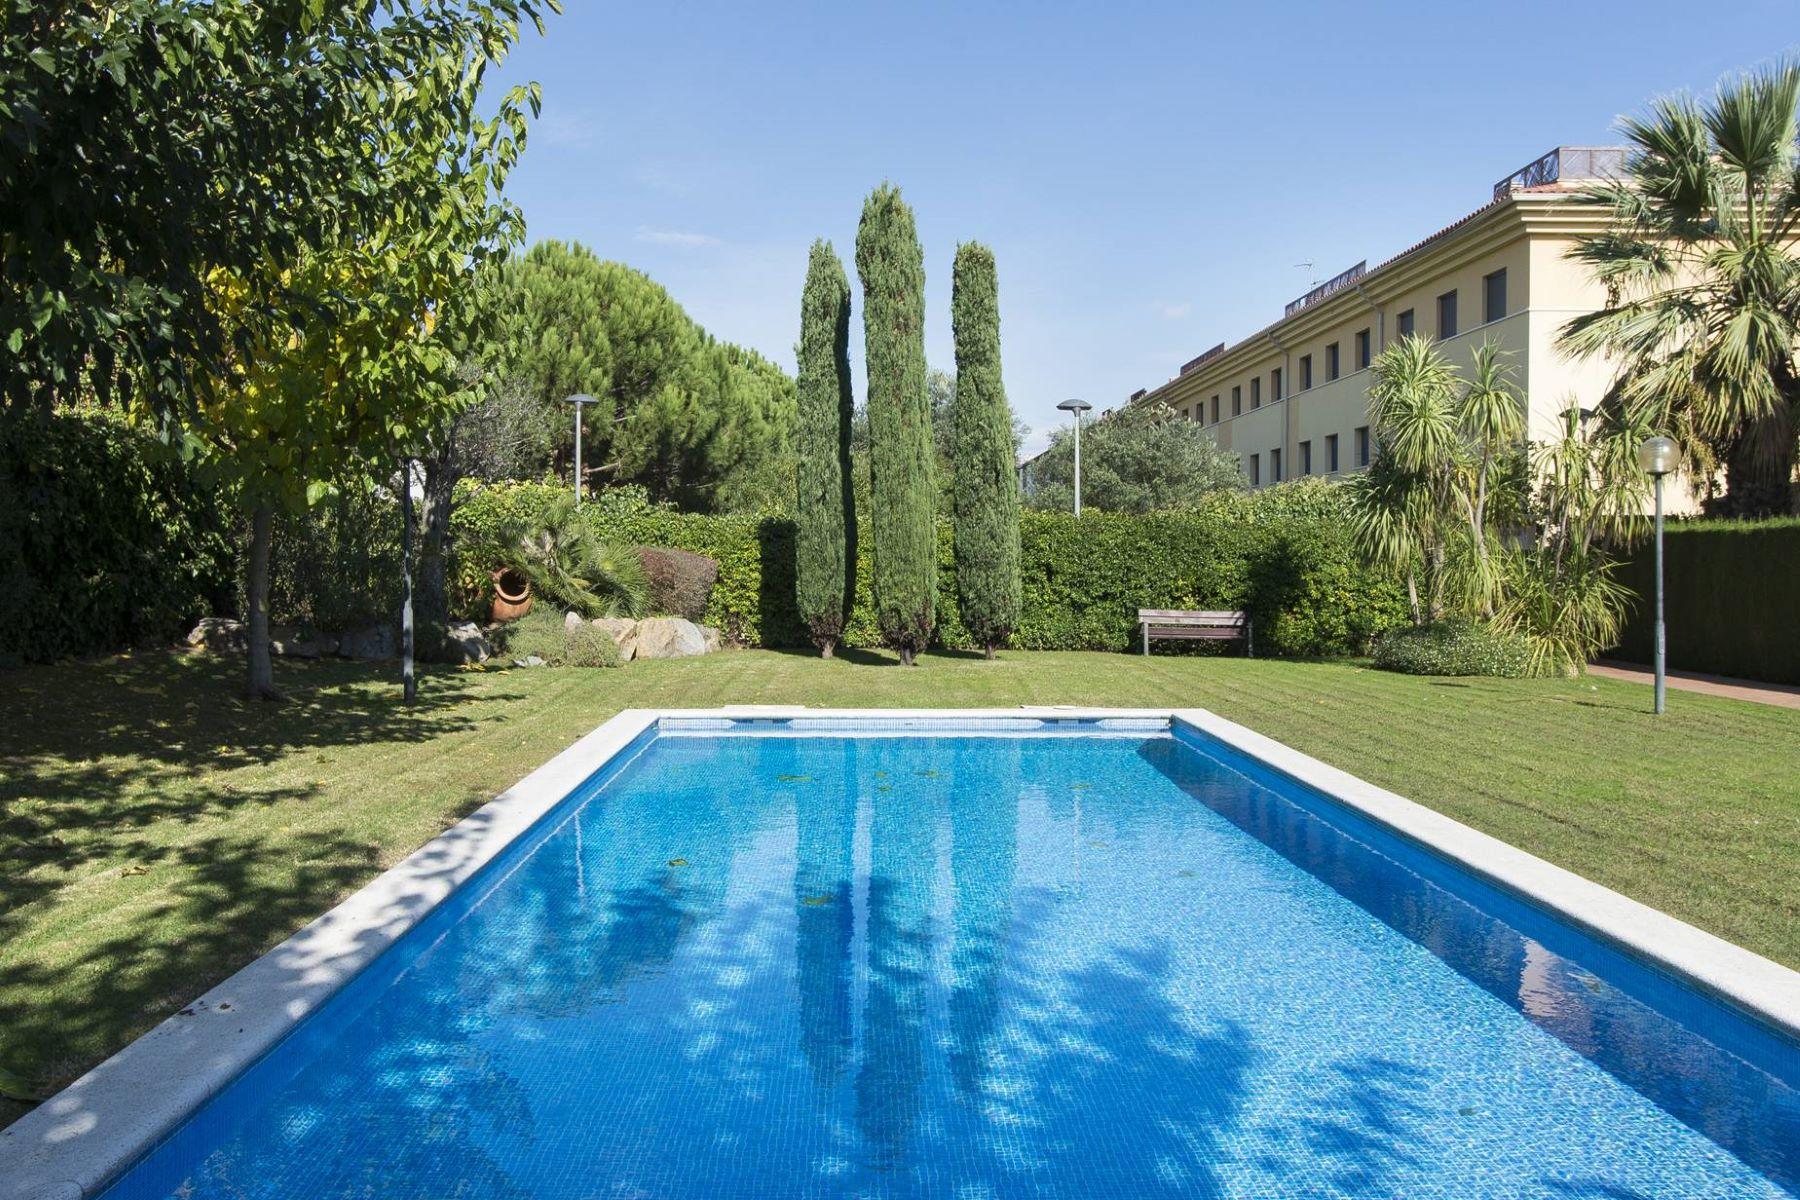 Apartamento para Venda às Elegant apartment a few metres from the beach of Sant Pol S'Agaro, Costa Brava, 17248 Espanha